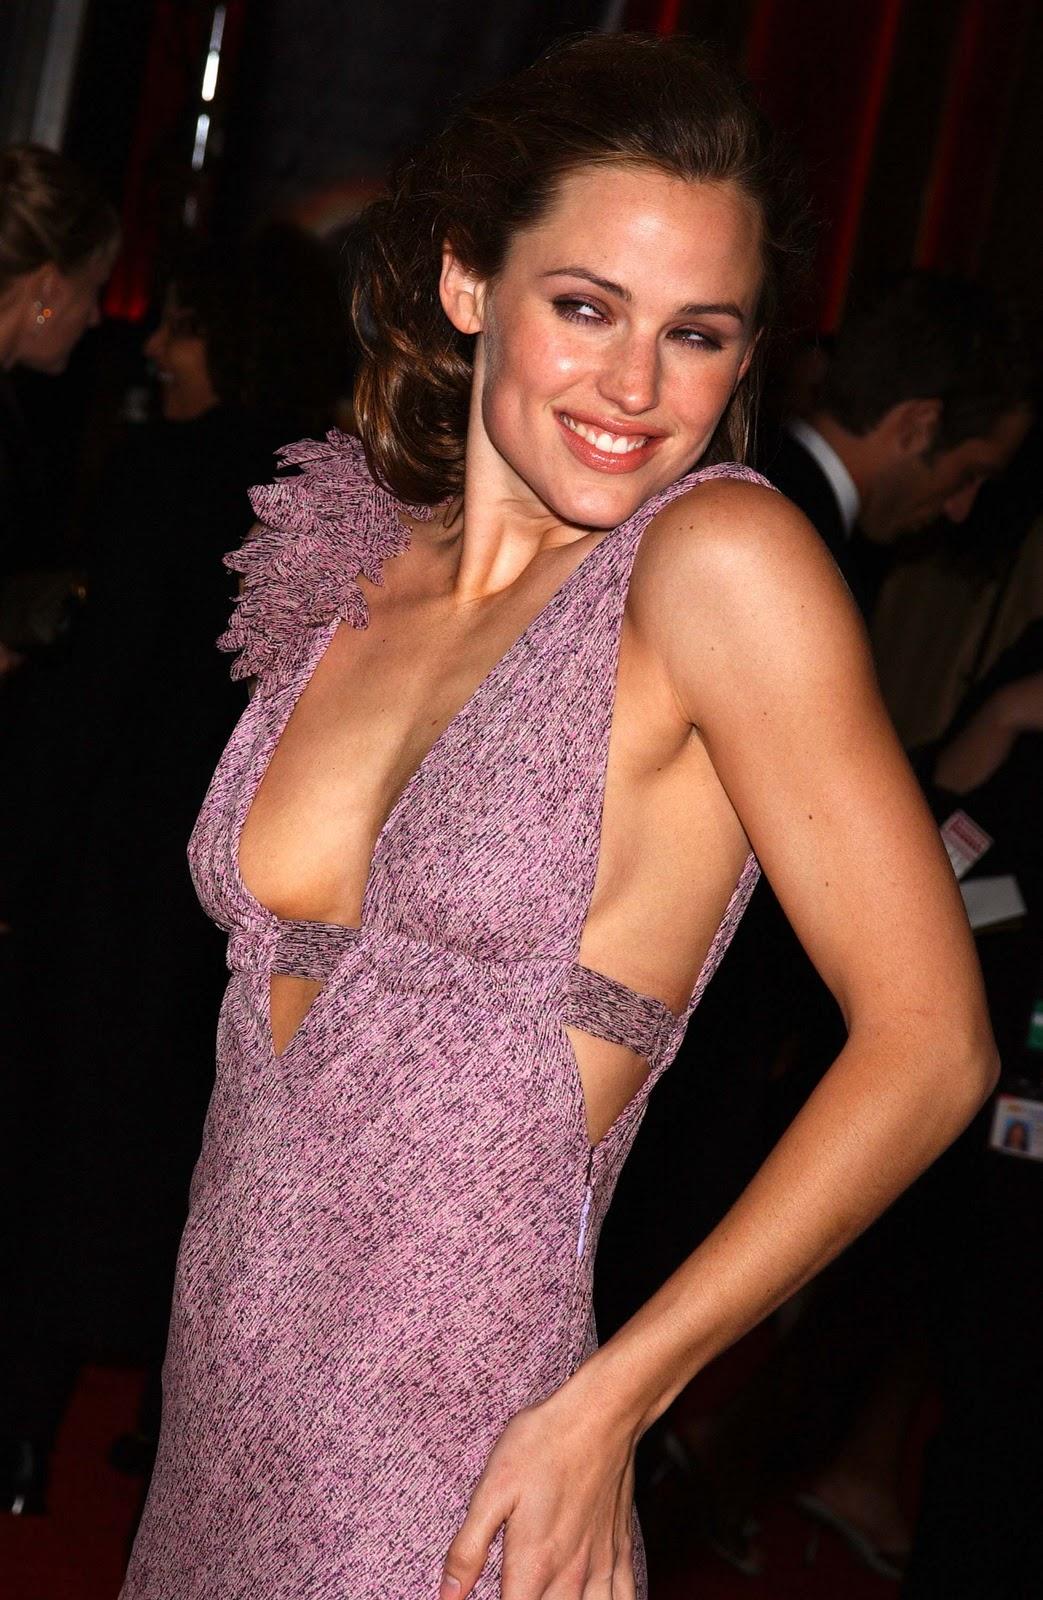 http://3.bp.blogspot.com/-L5QceJCIFg4/Tpqz5eFOuEI/AAAAAAAAAJ4/2xntSLM-IcQ/s1600/hot+Jennifer+Garner+%25285%2529.jpg